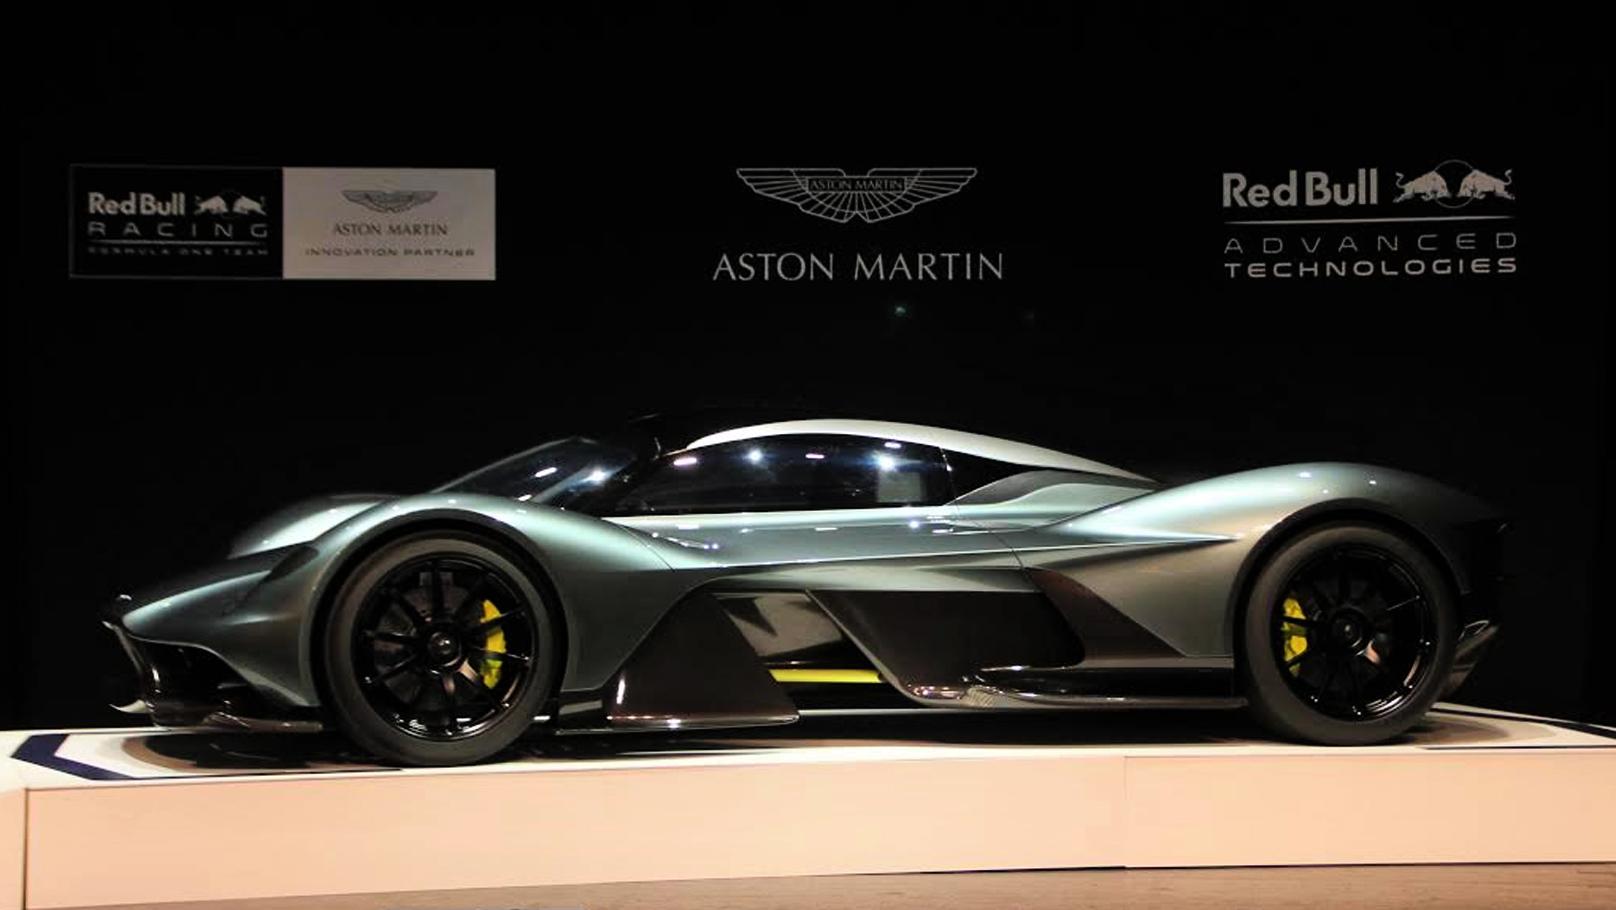 Aston martin toronto